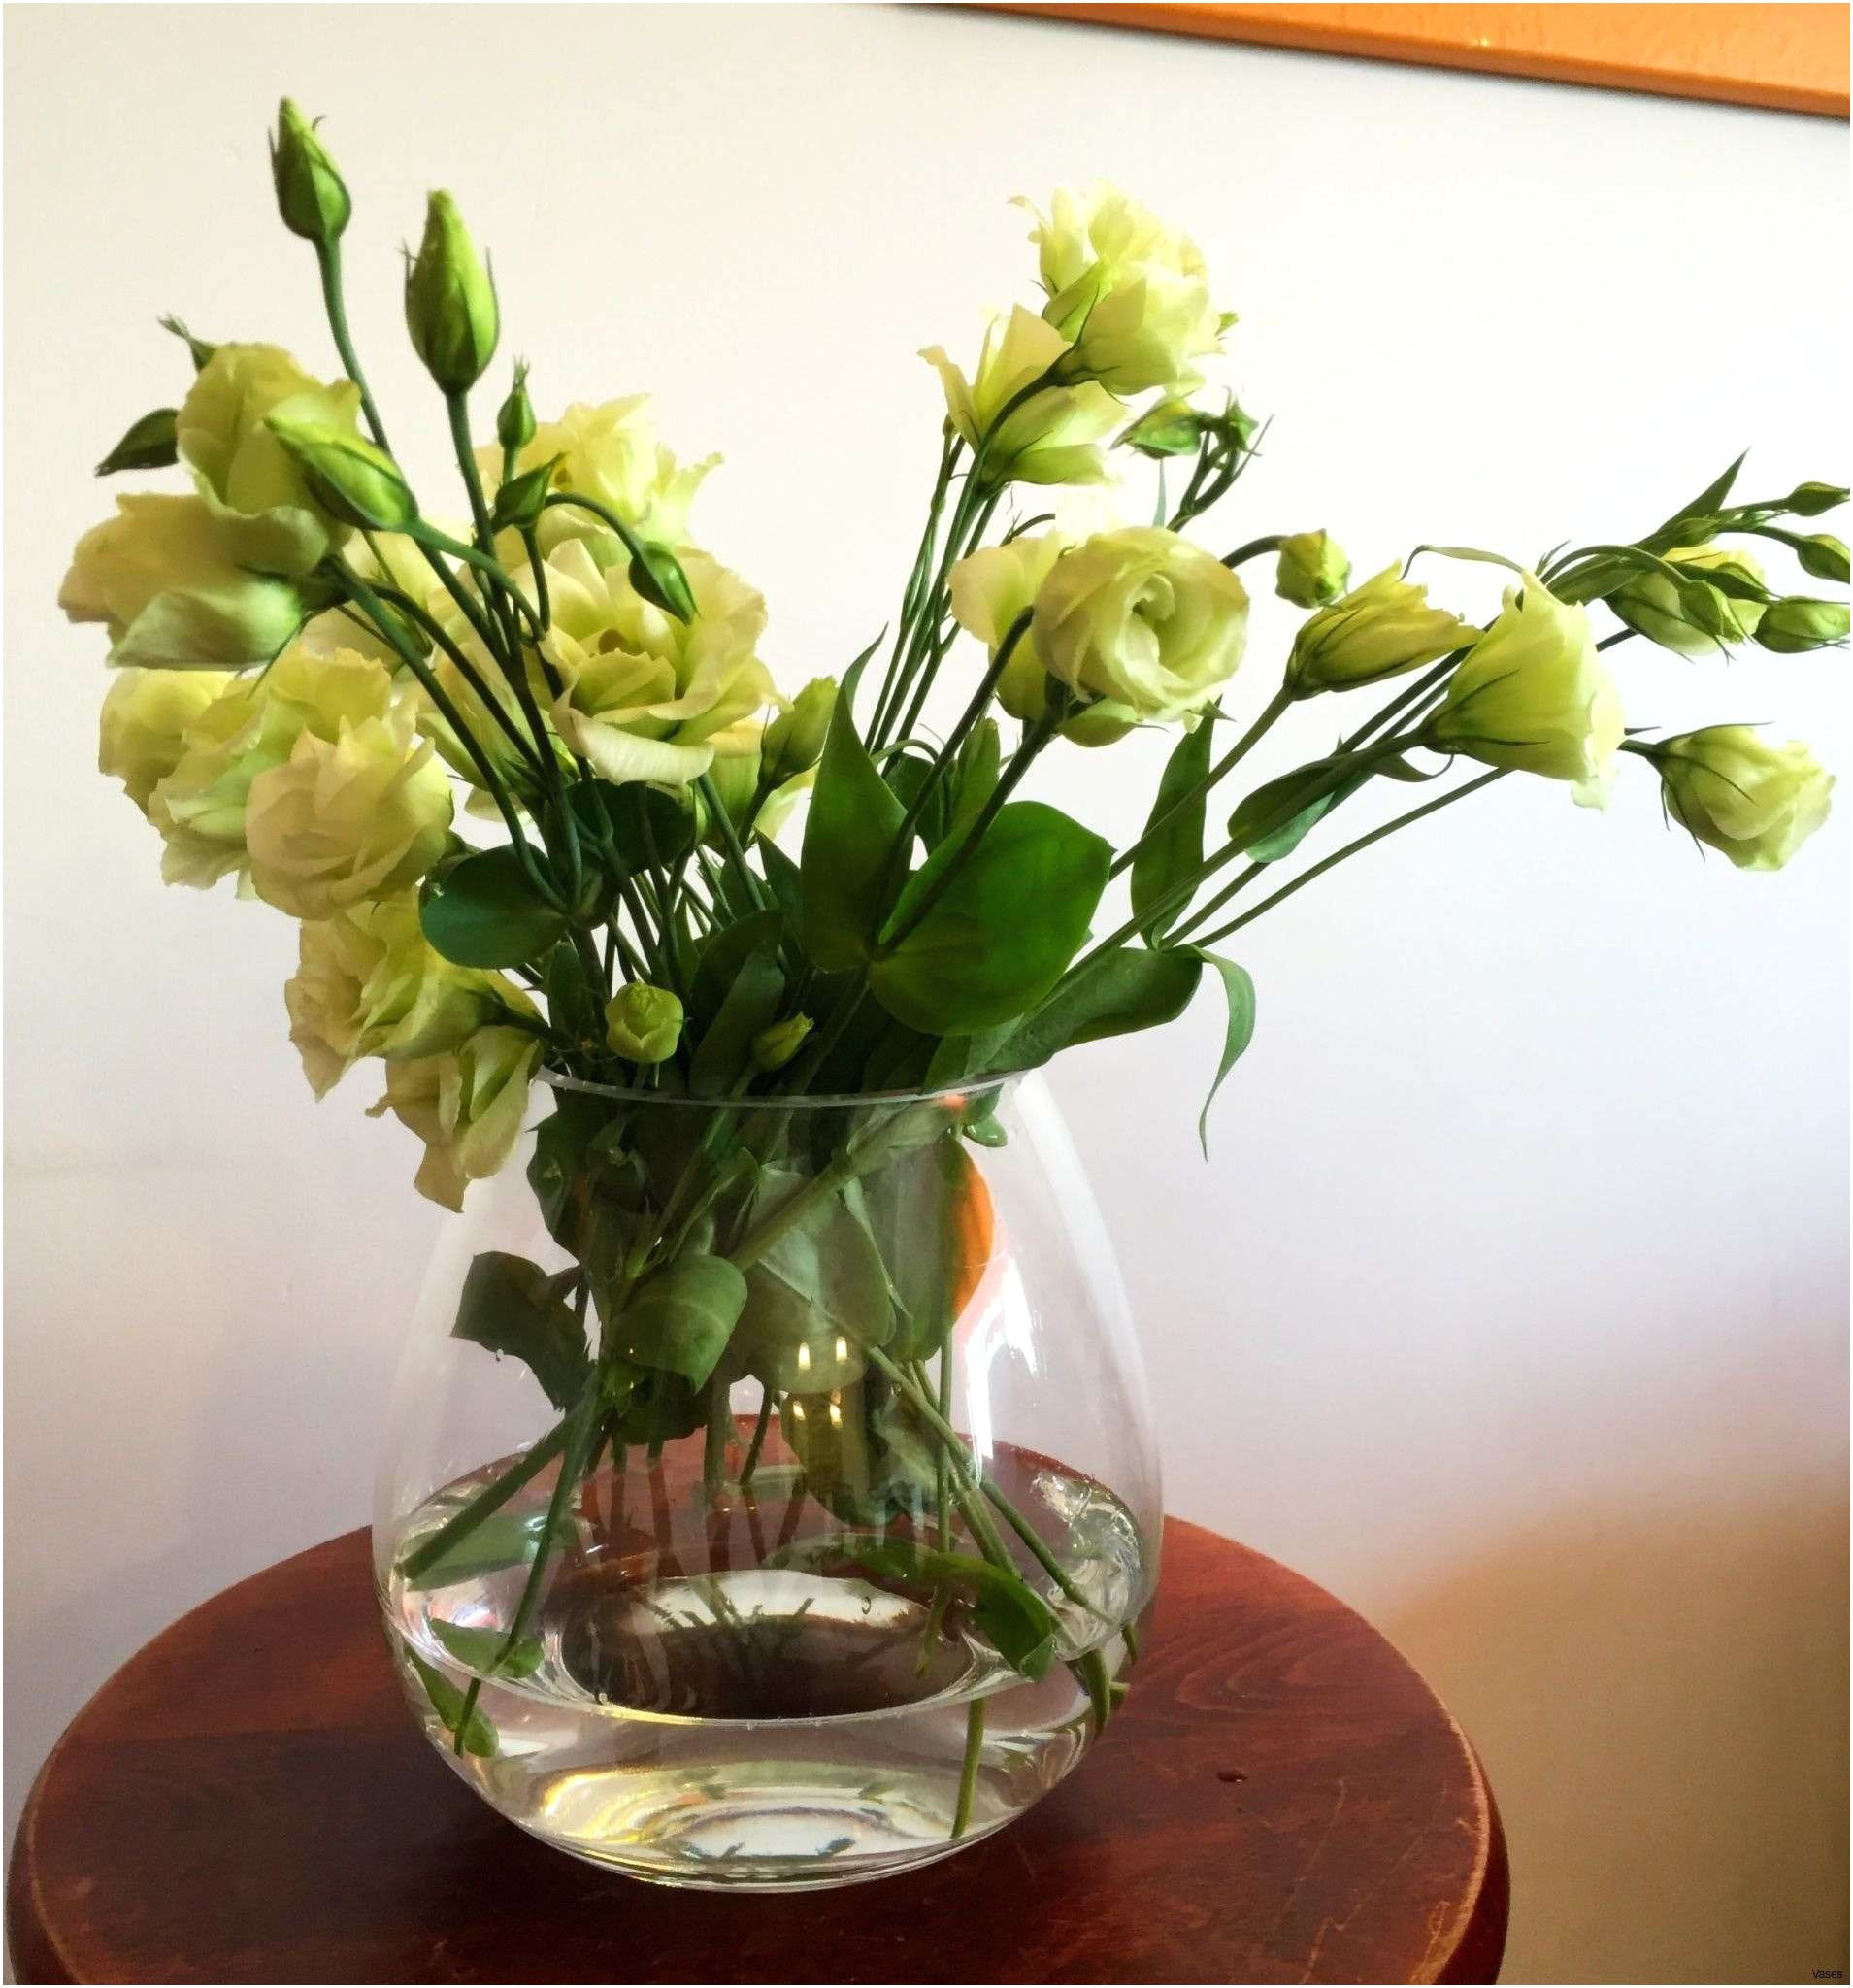 small vase set of 10 best of vase stand bogekompresorturkiye com within tiger food phenomenal flower vase table 04h vases tablei 0d clipart dining base end design 1909